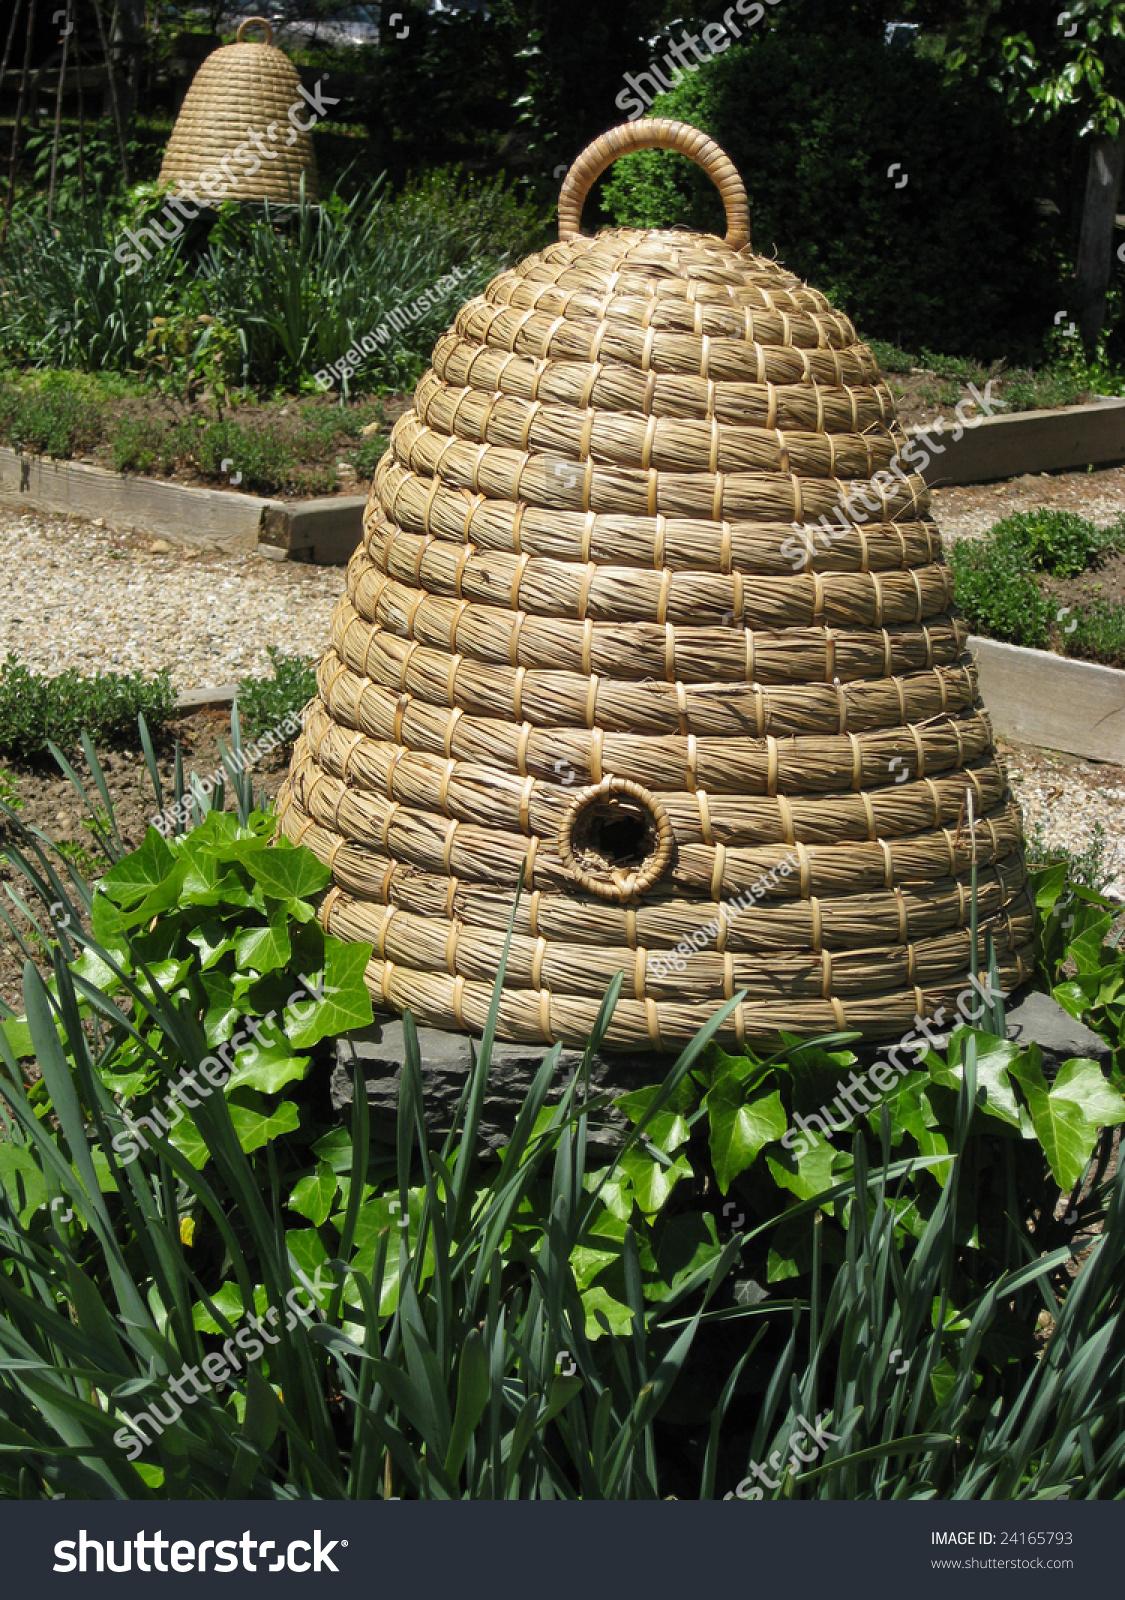 Wicker bee hive stock photo 24165793 shutterstock - Wicker beehive basket ...